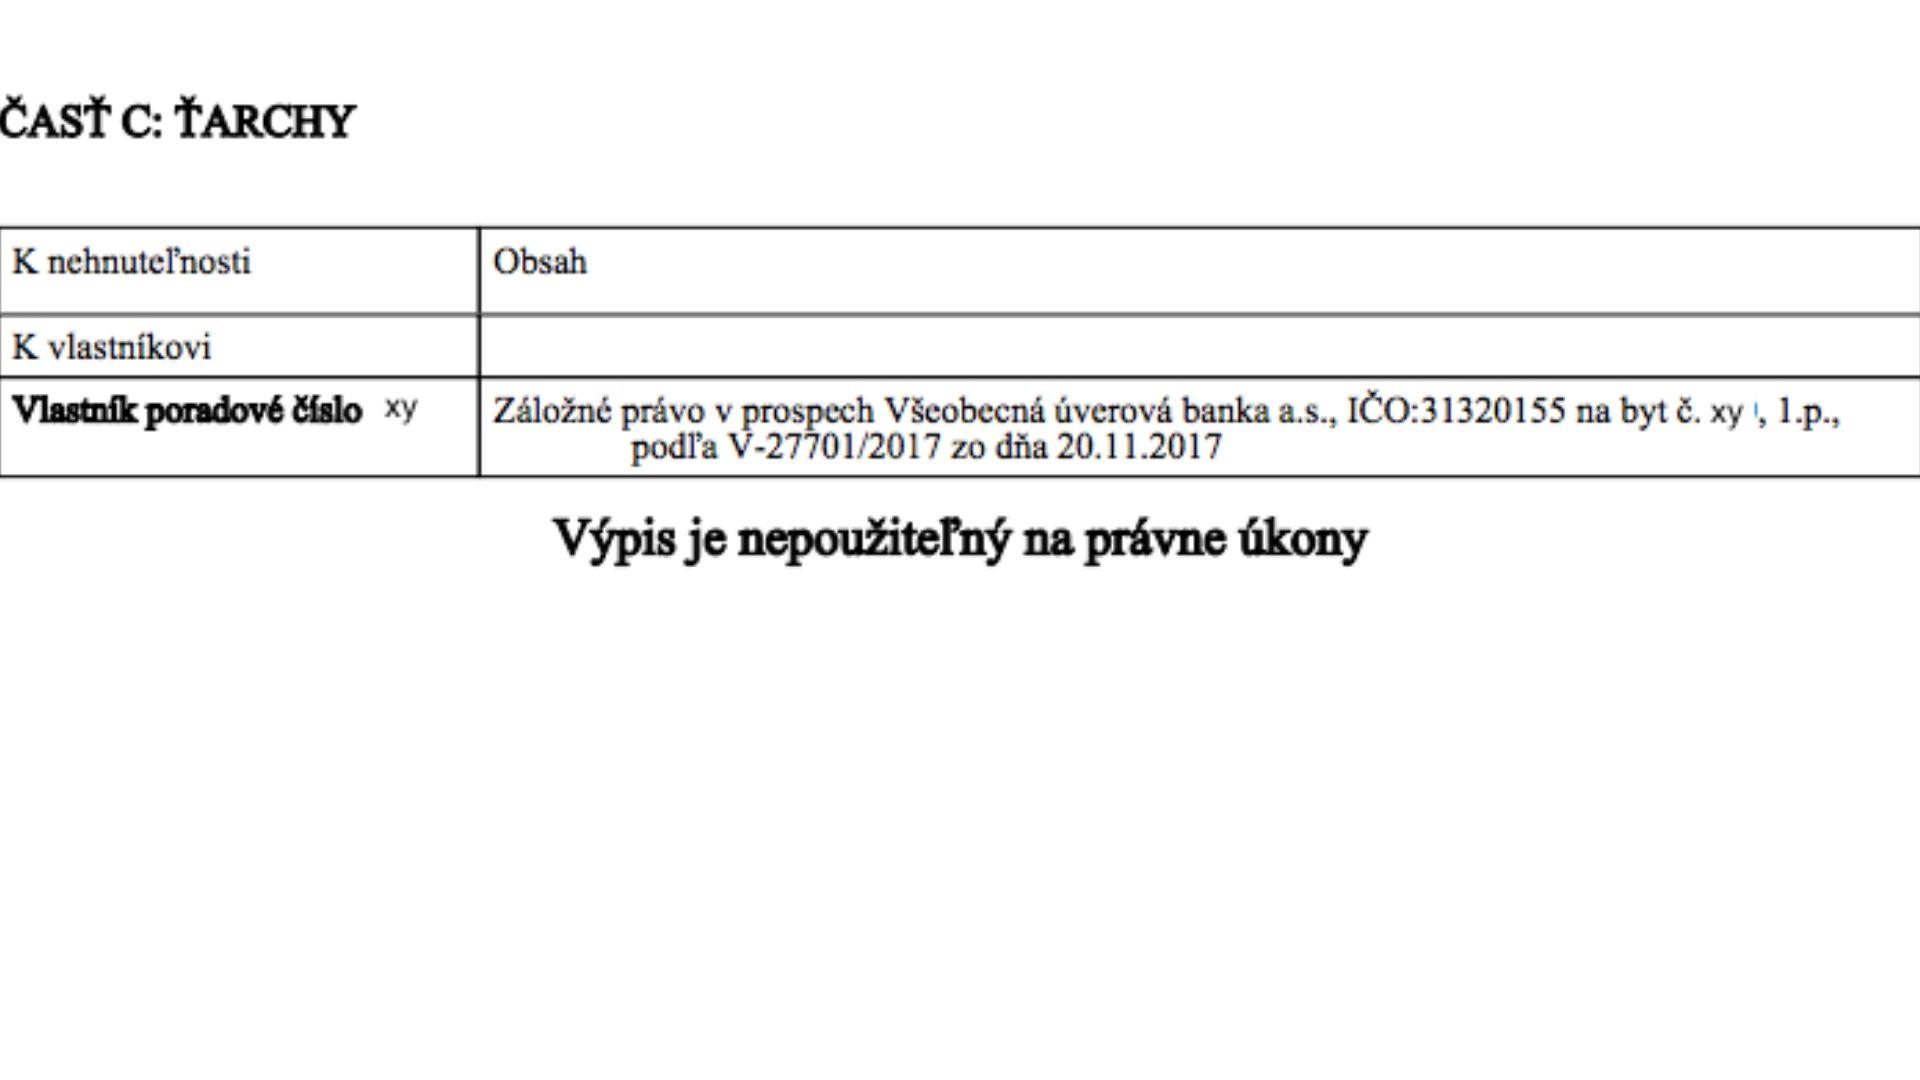 list vlastníctva časť C Ťarchy